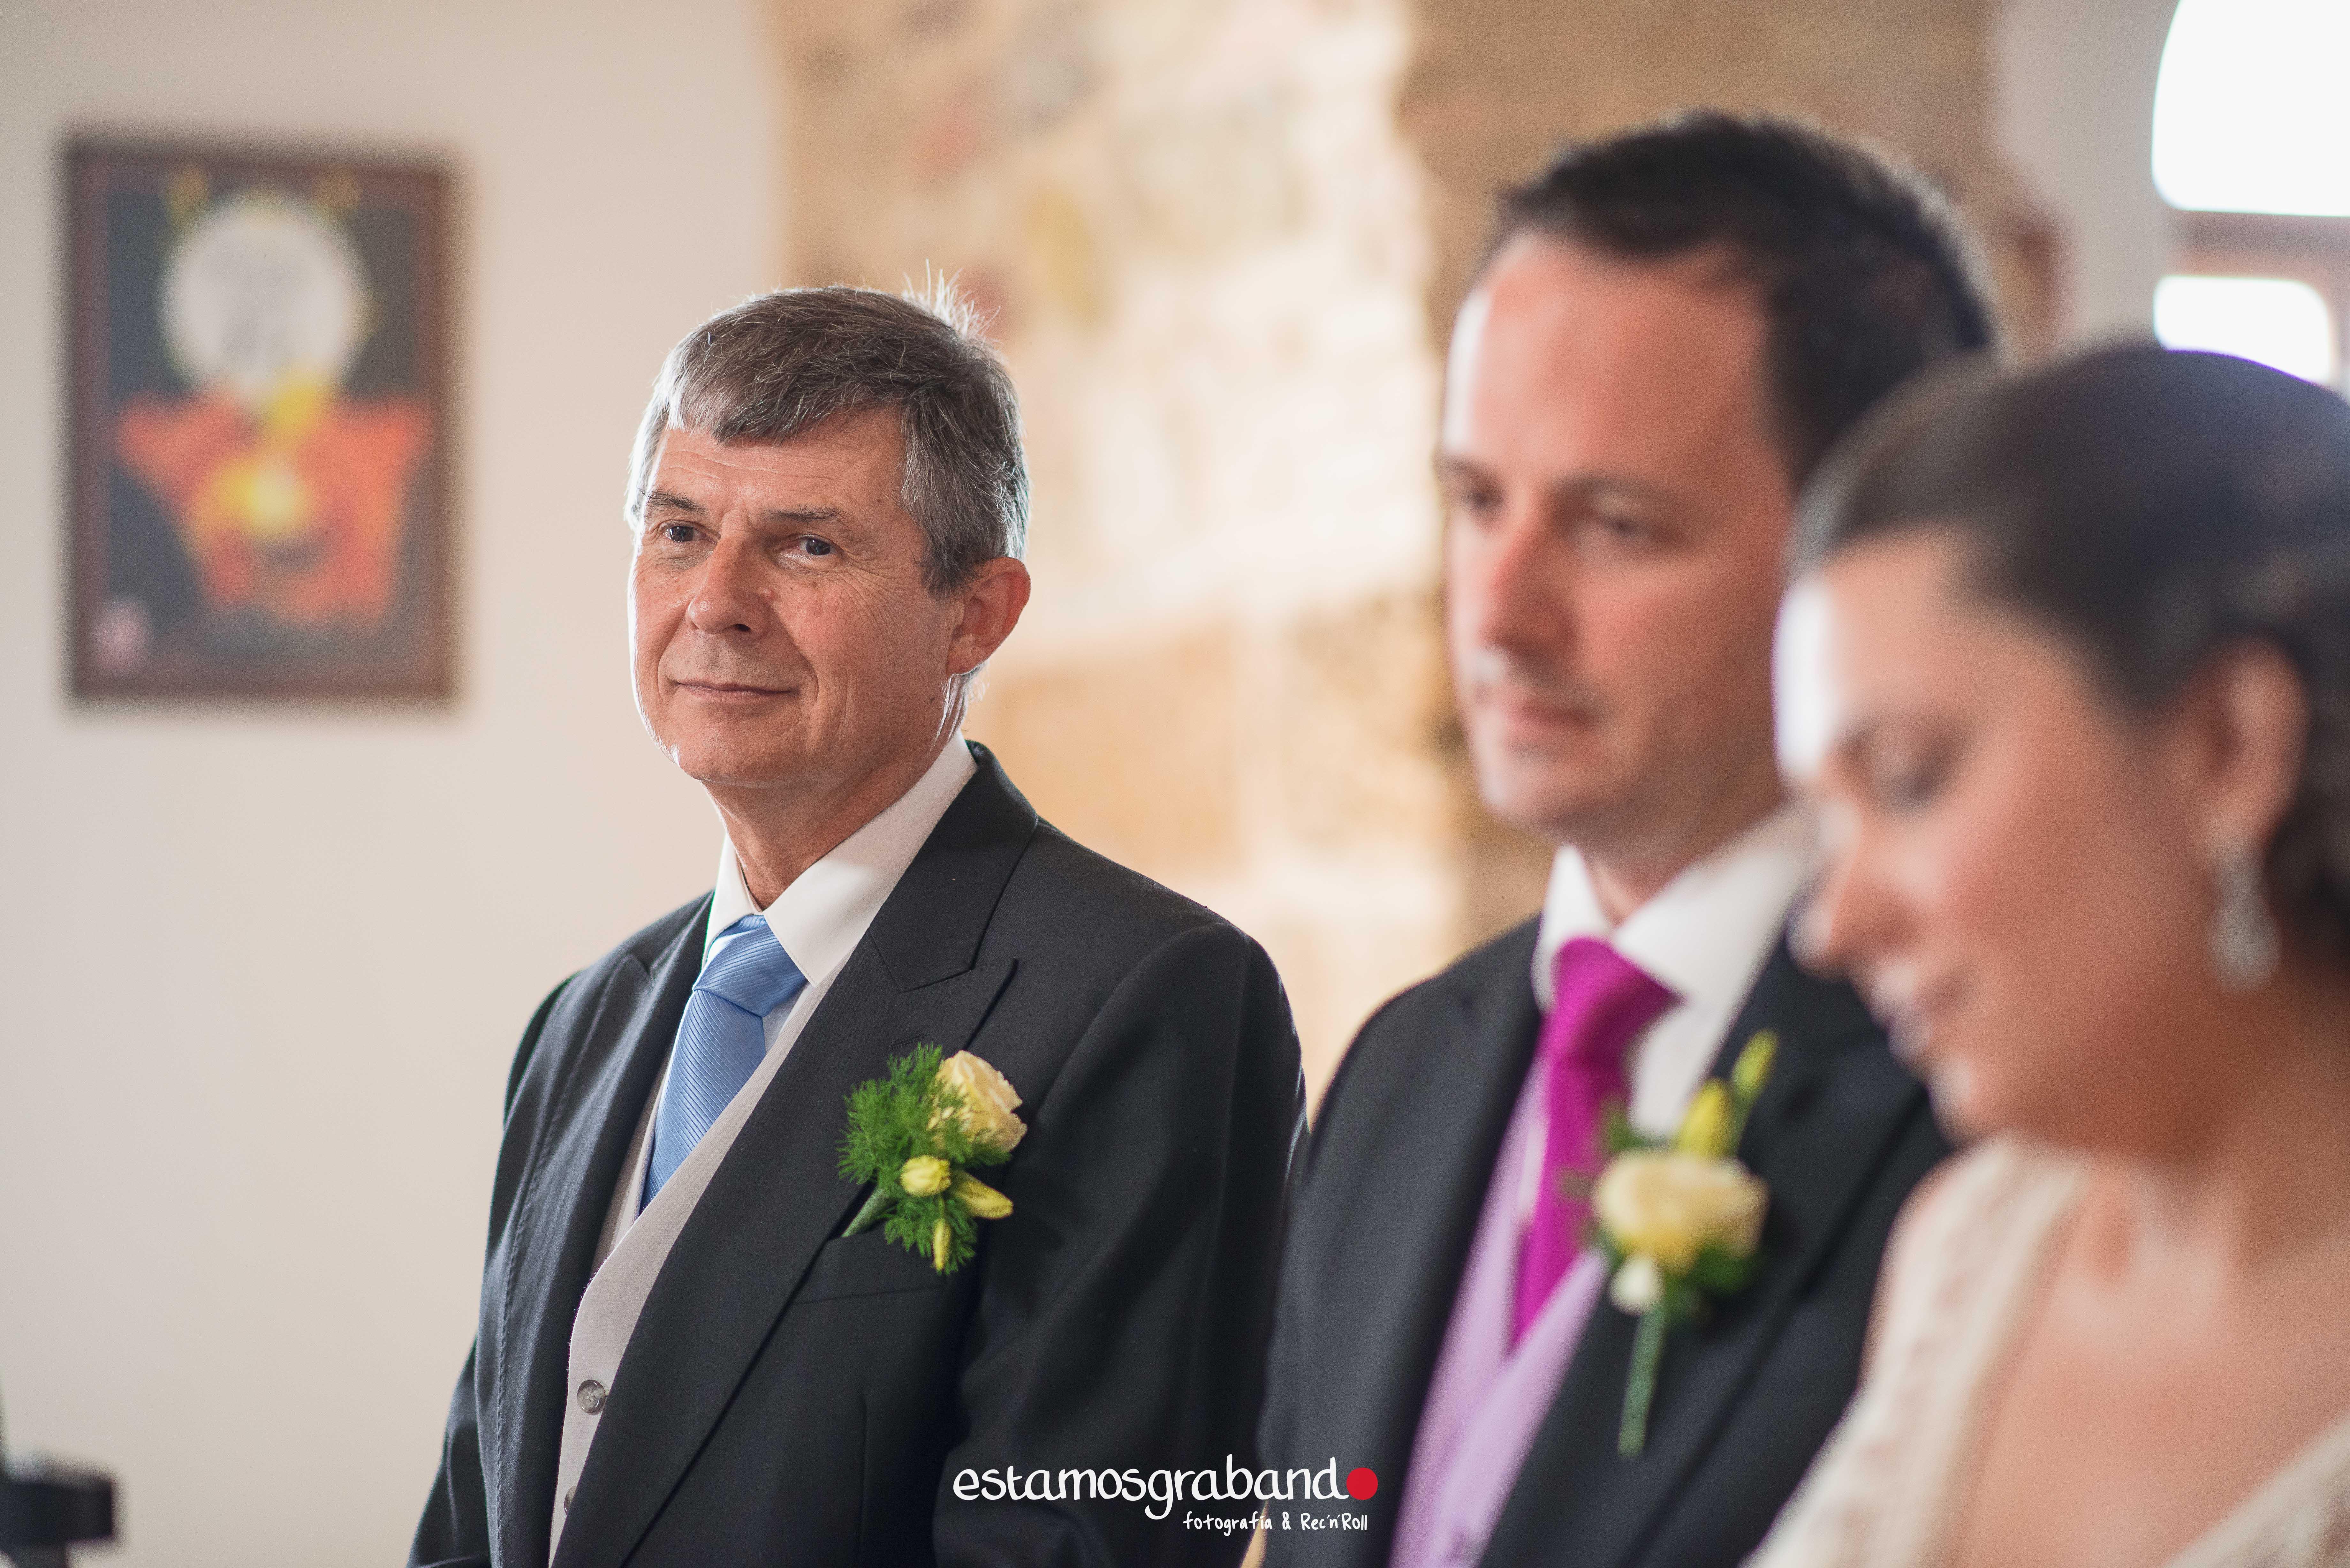 boda-en-chiclana_sonia-y-diego_fotograficc81a-de-boda-44 Zahara Sonia + Diego [Fotografía de Boda en Zahara] - video boda cadiz